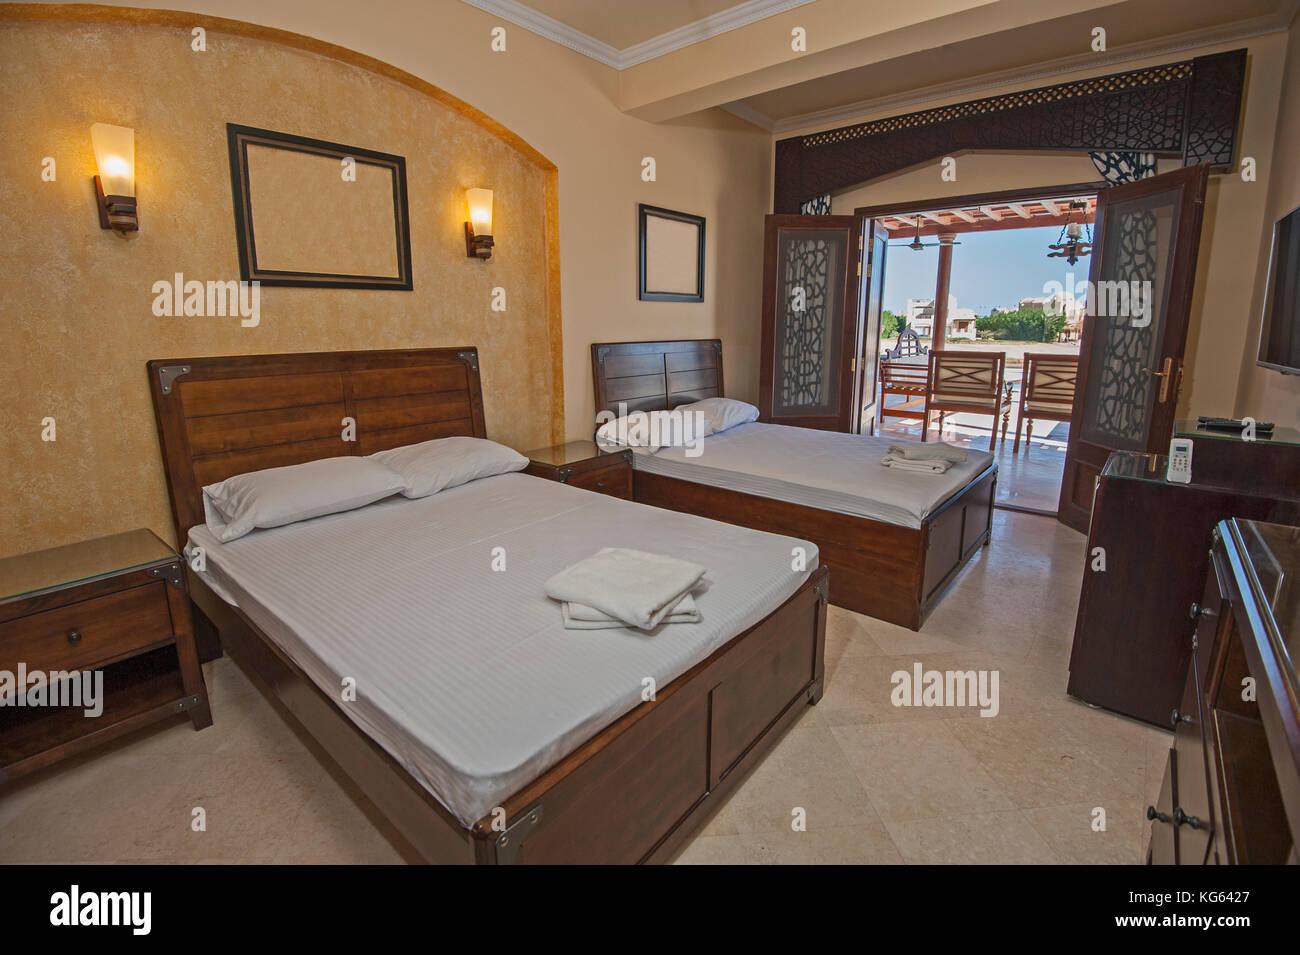 Interior Design Einrichtung Einrichtung Von Luxus Zeigen Home Schlafzimmer  Mit Möbeln Und Meerblick, Terrasse Stockbild